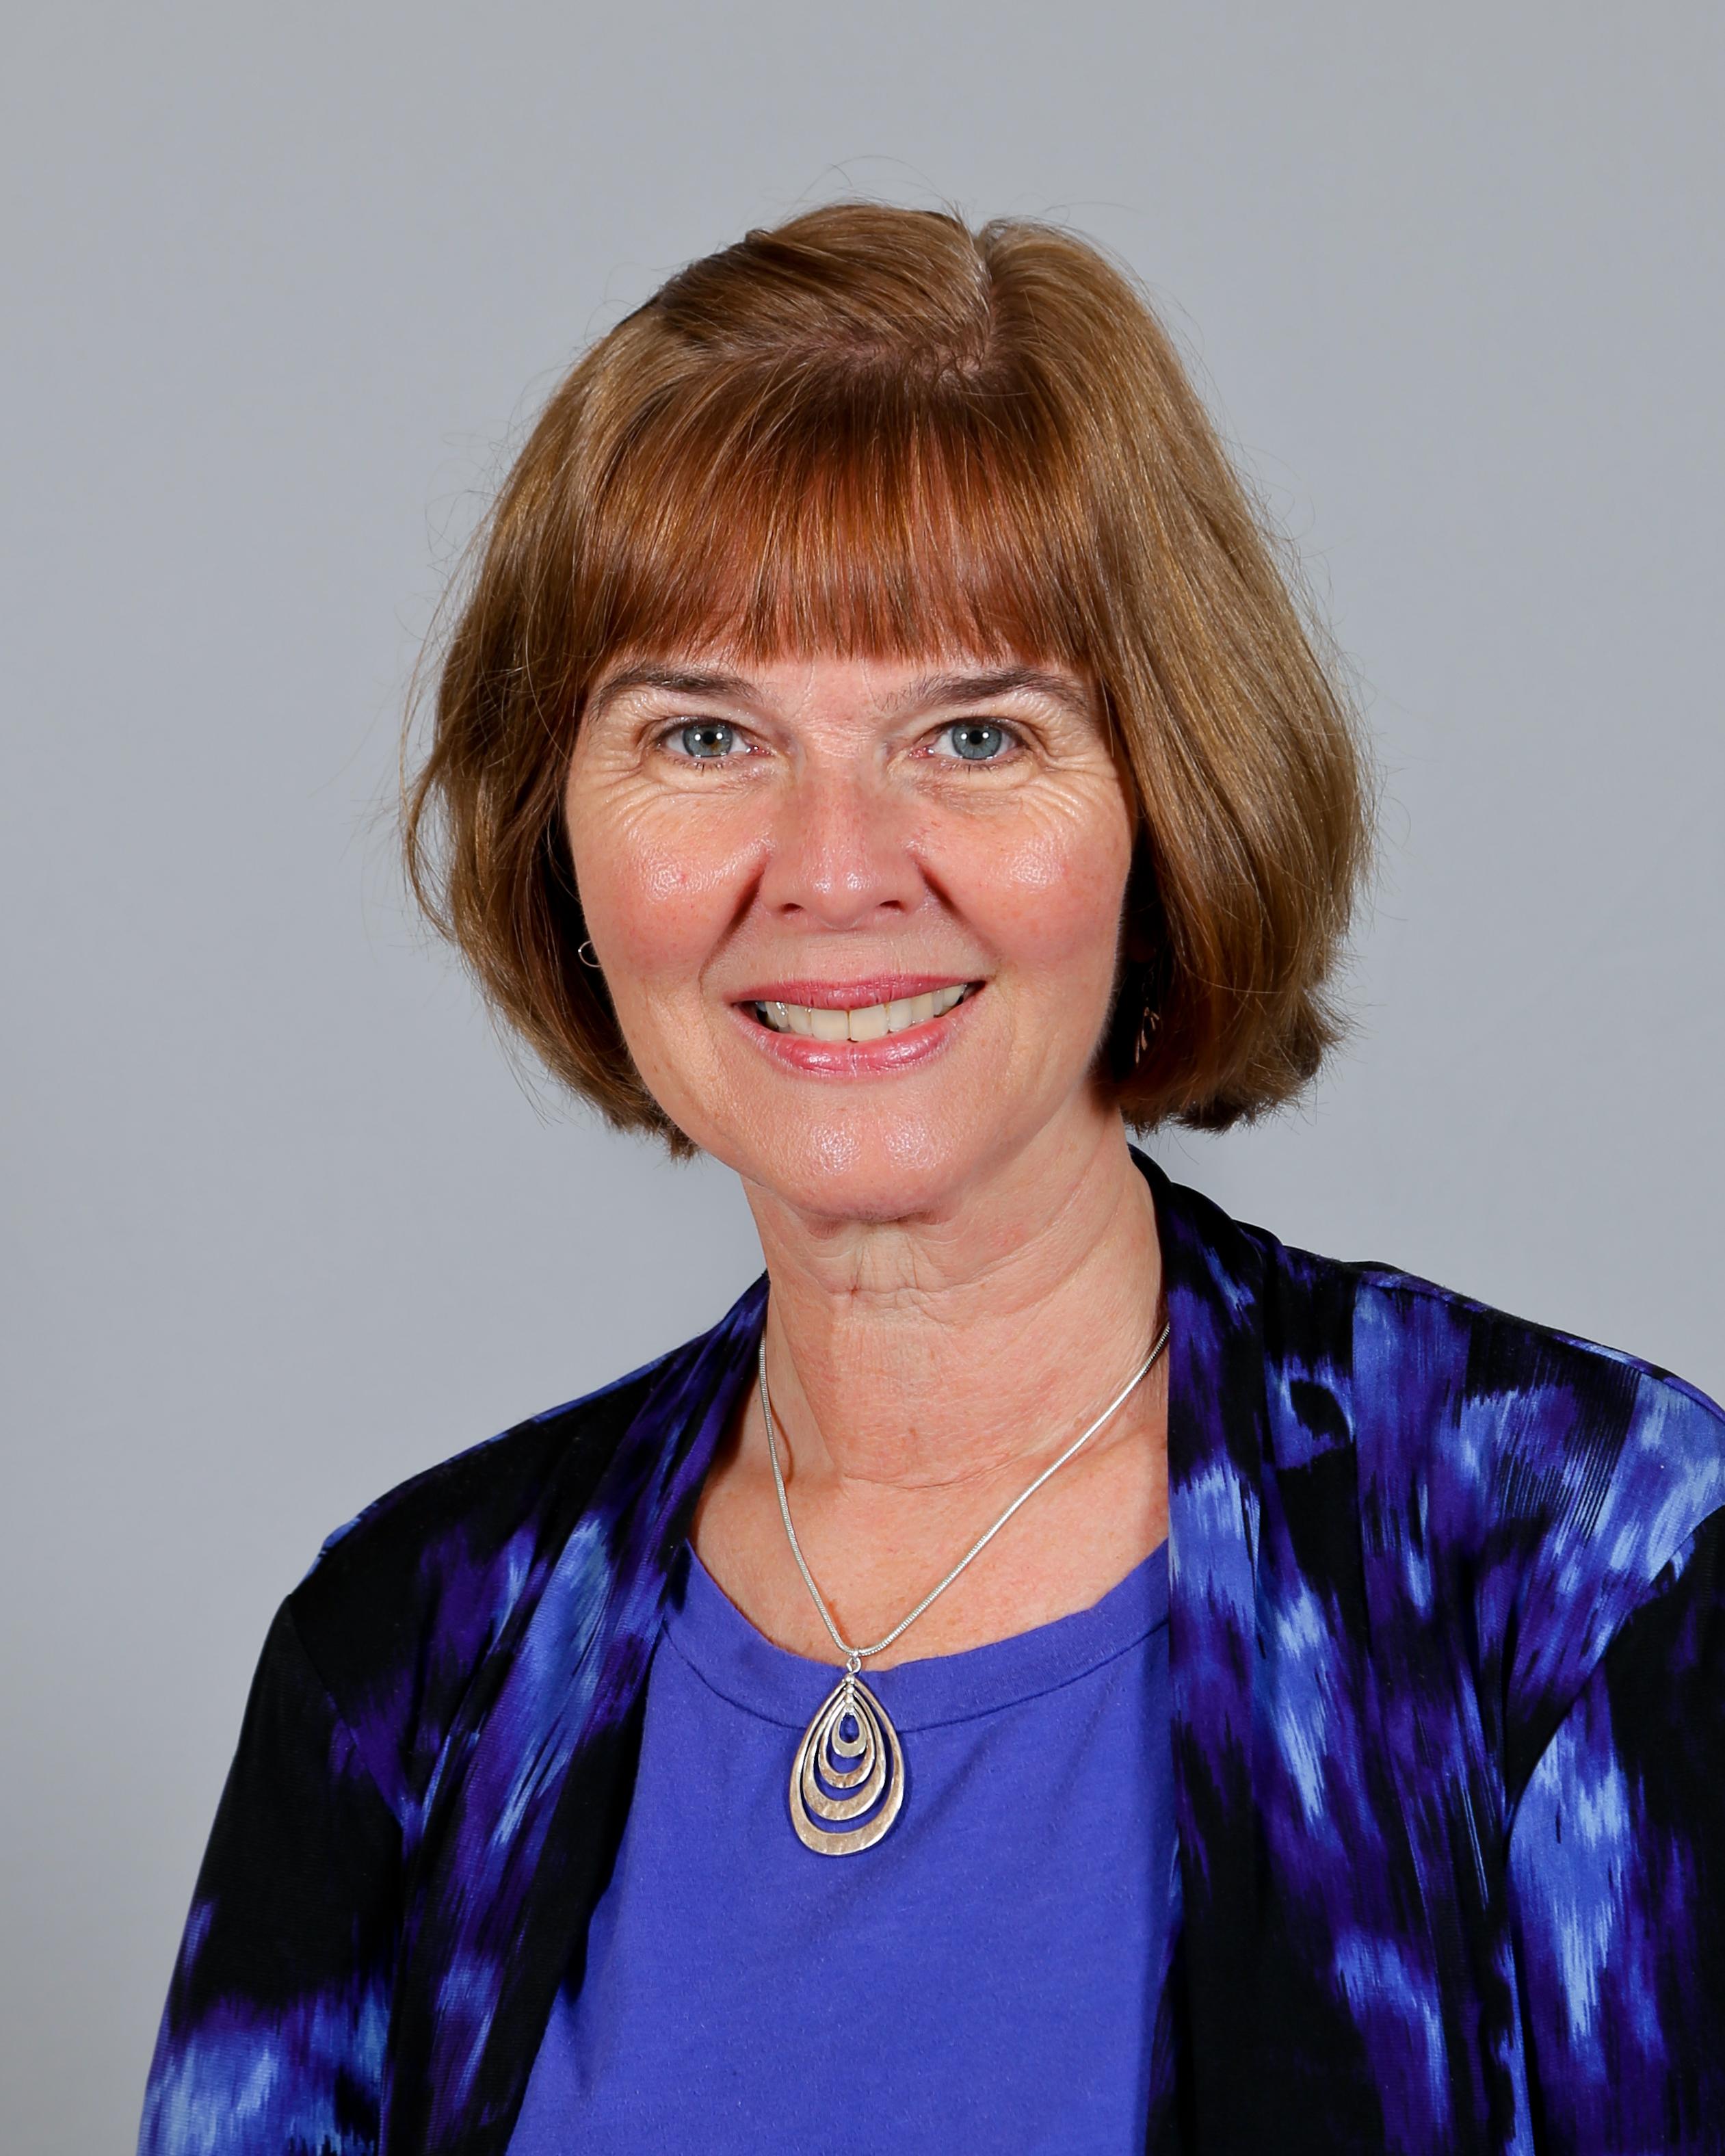 Gail Vawter Portrait Photo